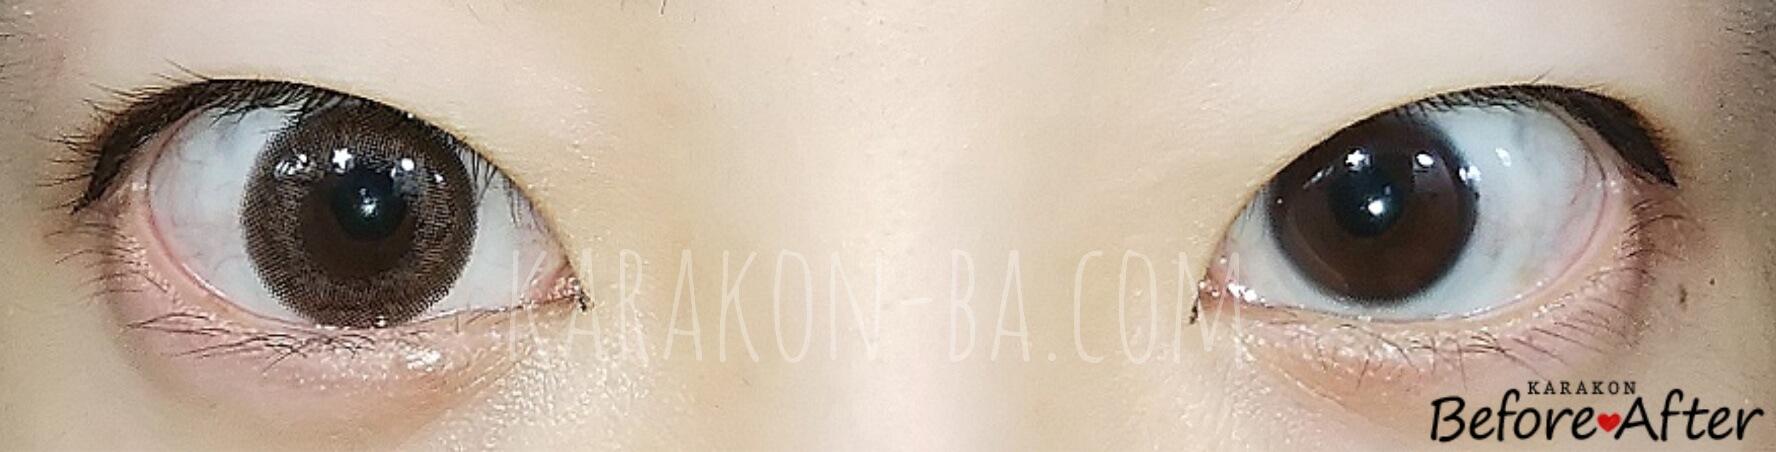 エトエナチュラルリッチのカラコン装着画像/裸眼と比較